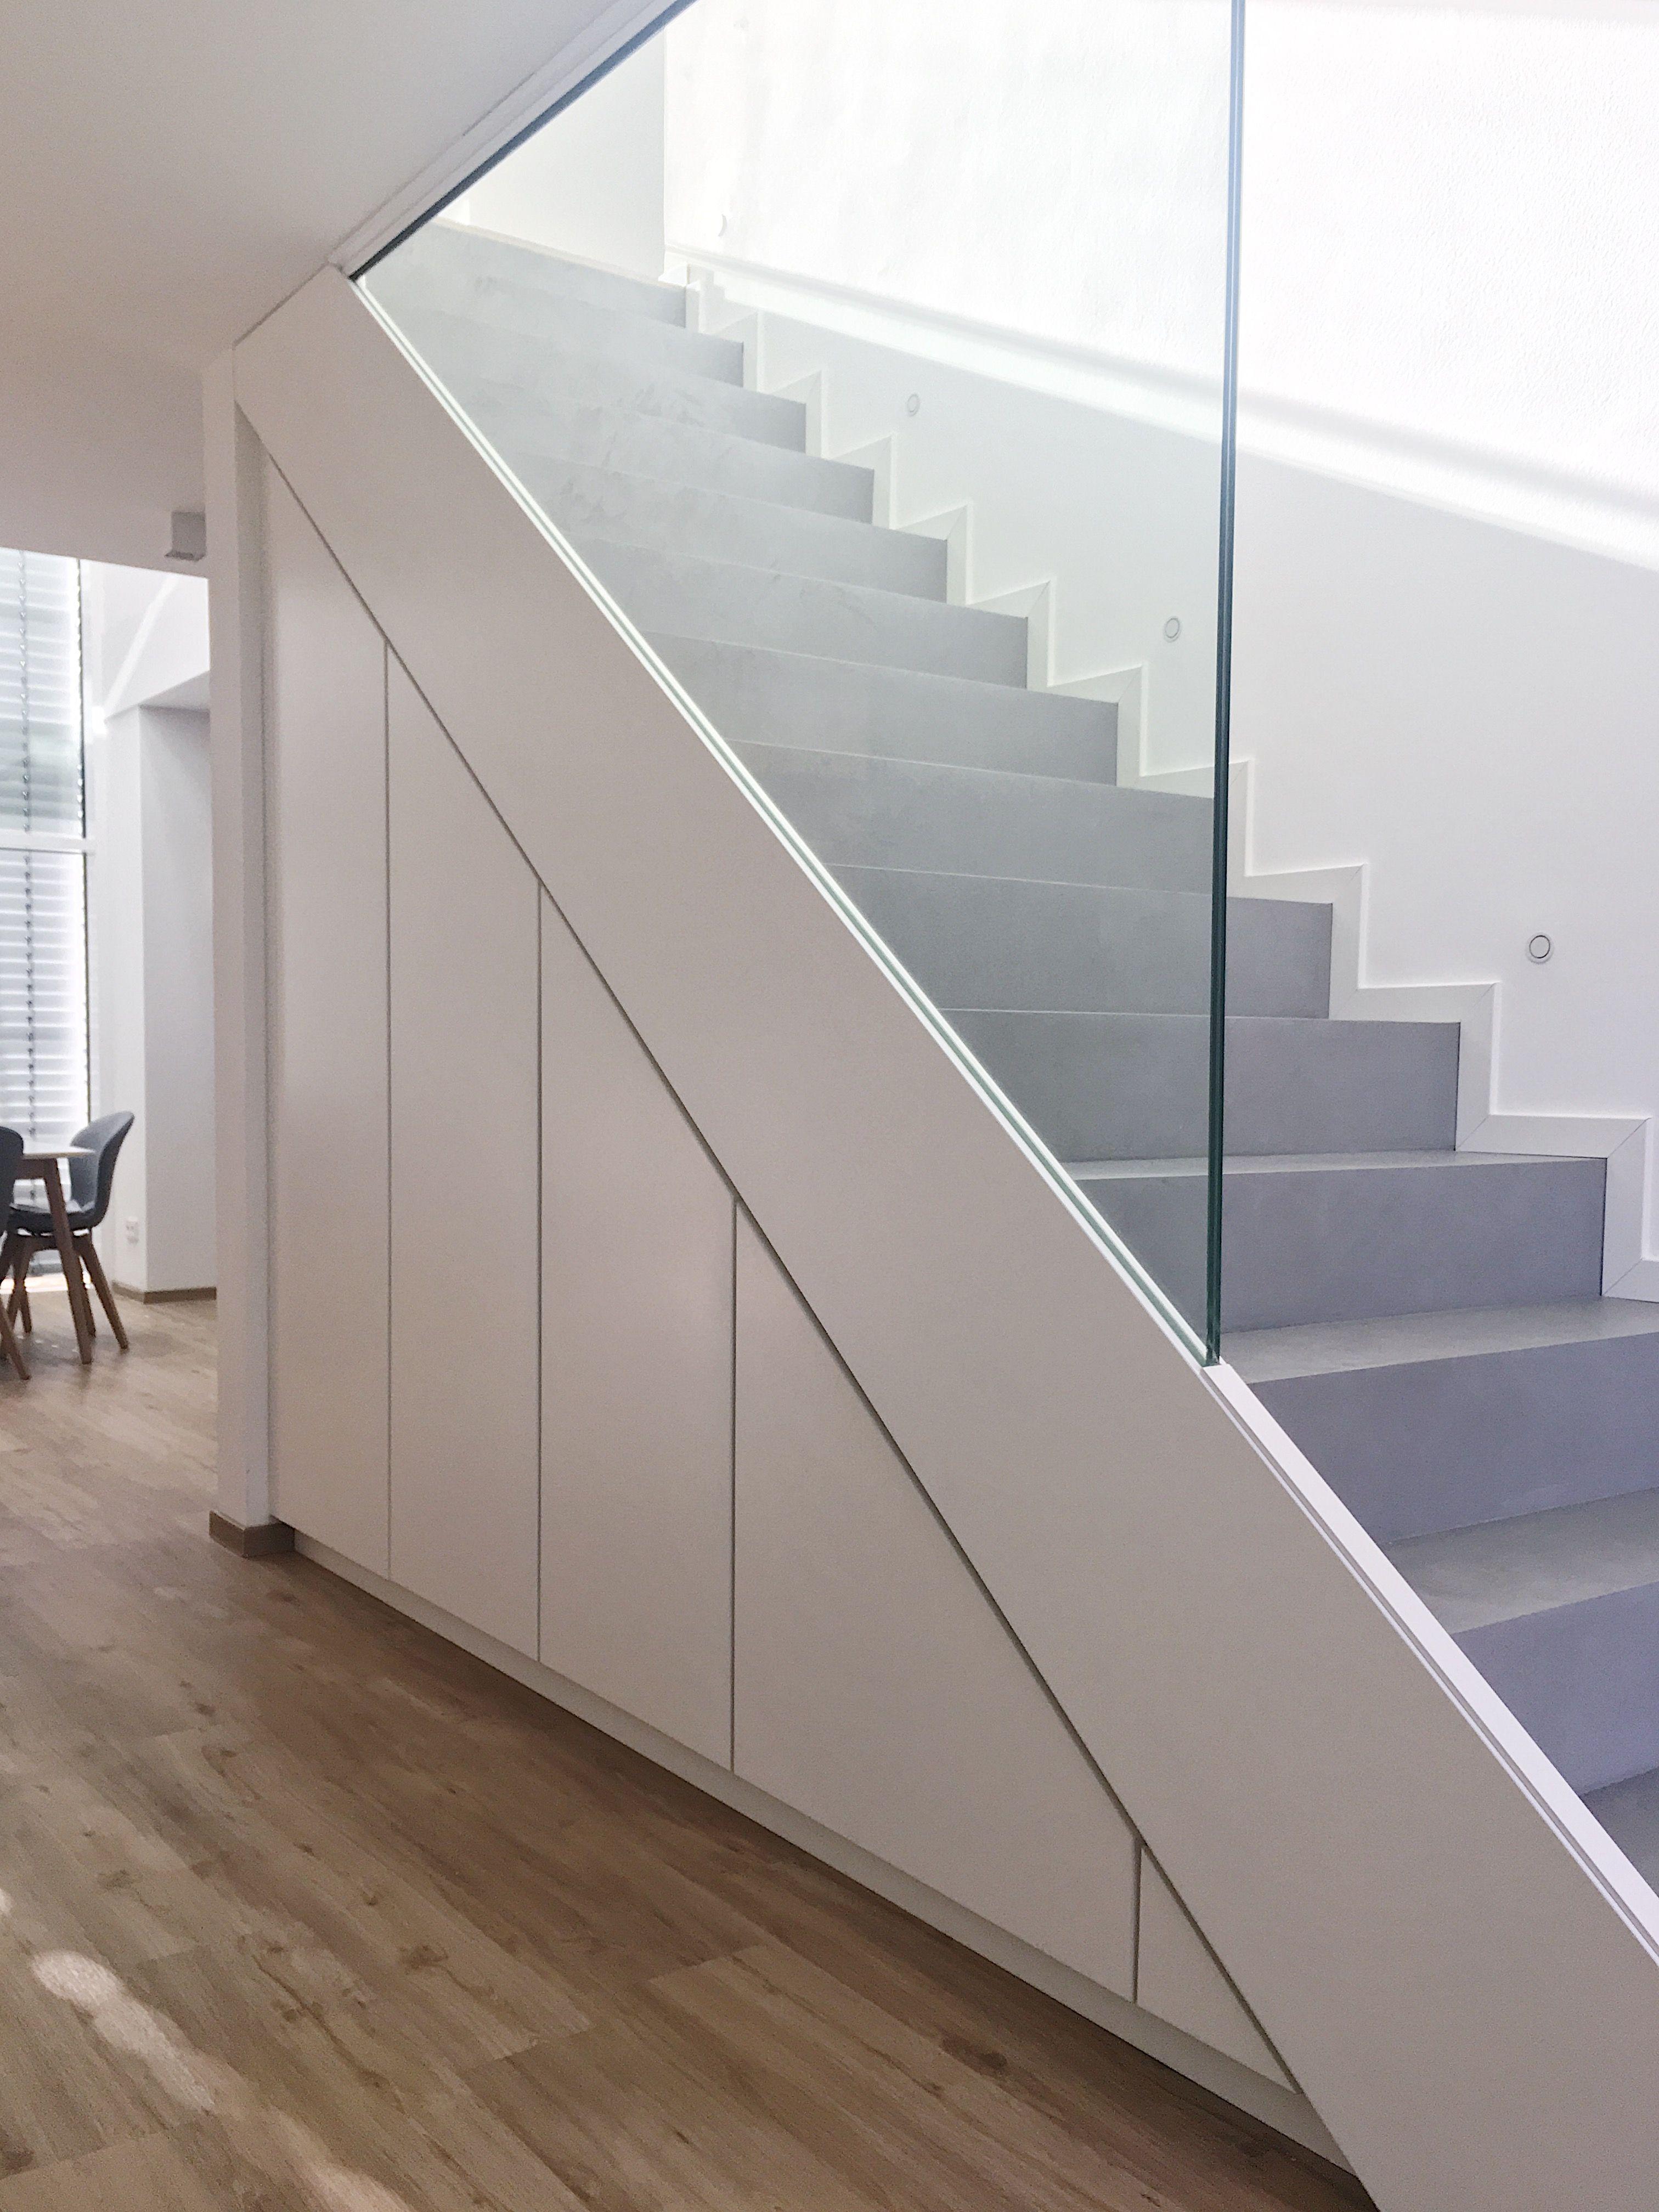 betontreppe mit einbauschr nken keller bauen betonoptik und putz. Black Bedroom Furniture Sets. Home Design Ideas